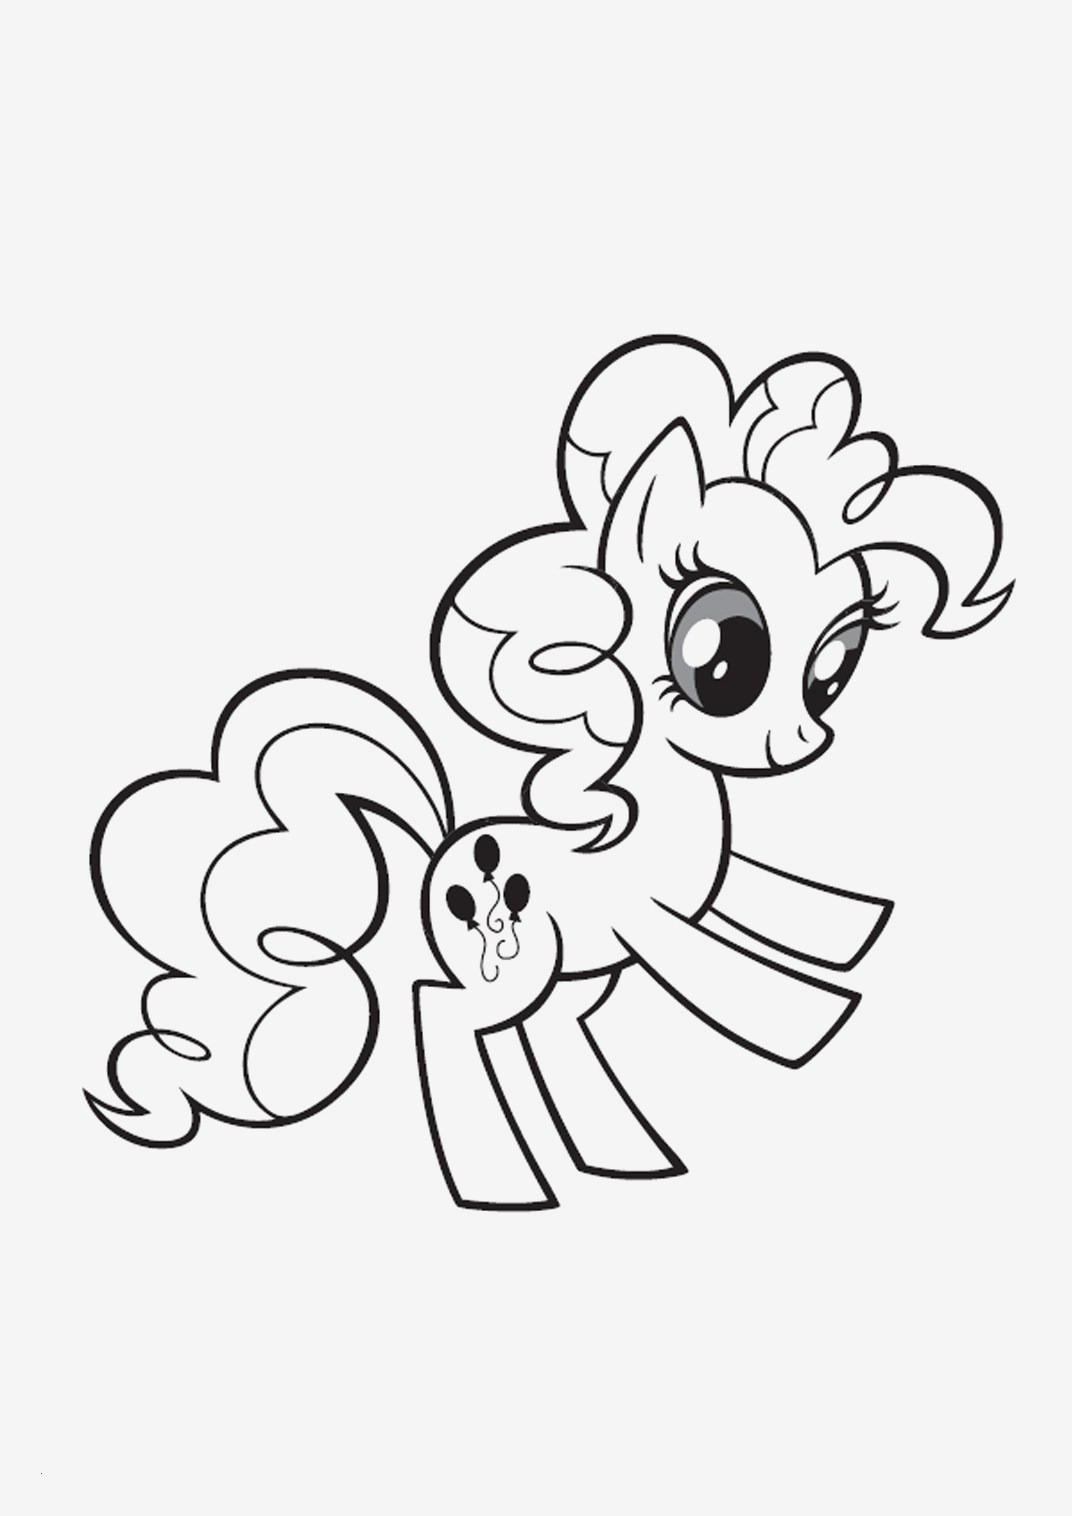 Malvorlagen My Little Pony Inspirierend Beispielbilder Färben Ausmalbilder My Little Pony Einzigartig Stock